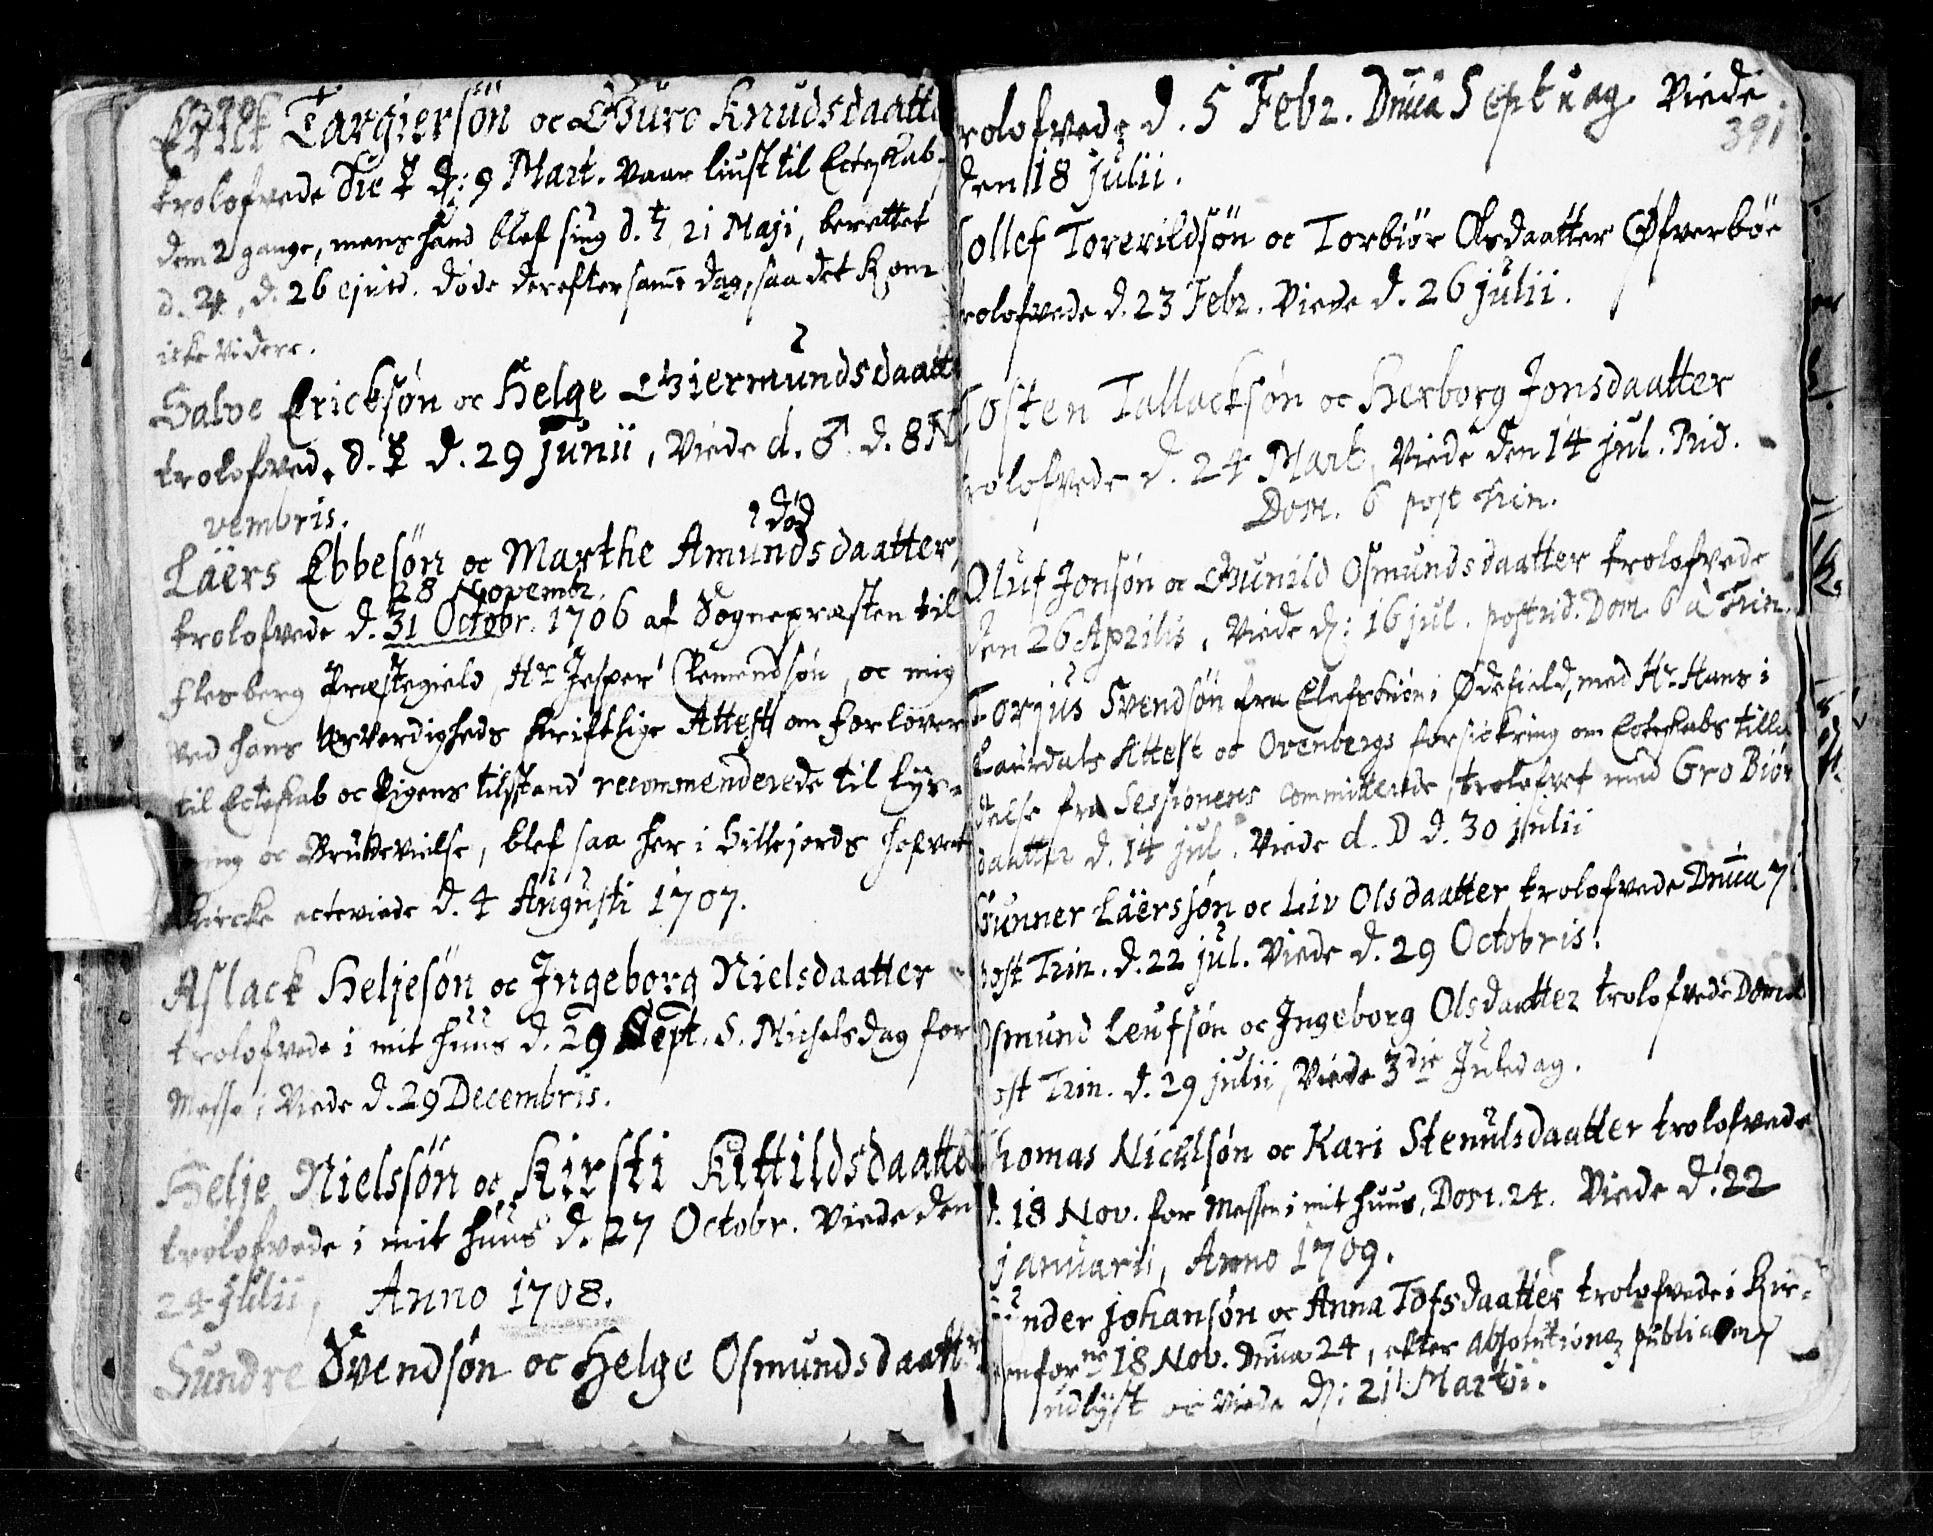 SAKO, Seljord kirkebøker, F/Fa/L0002: Ministerialbok nr. I 2, 1689-1713, s. 390-391